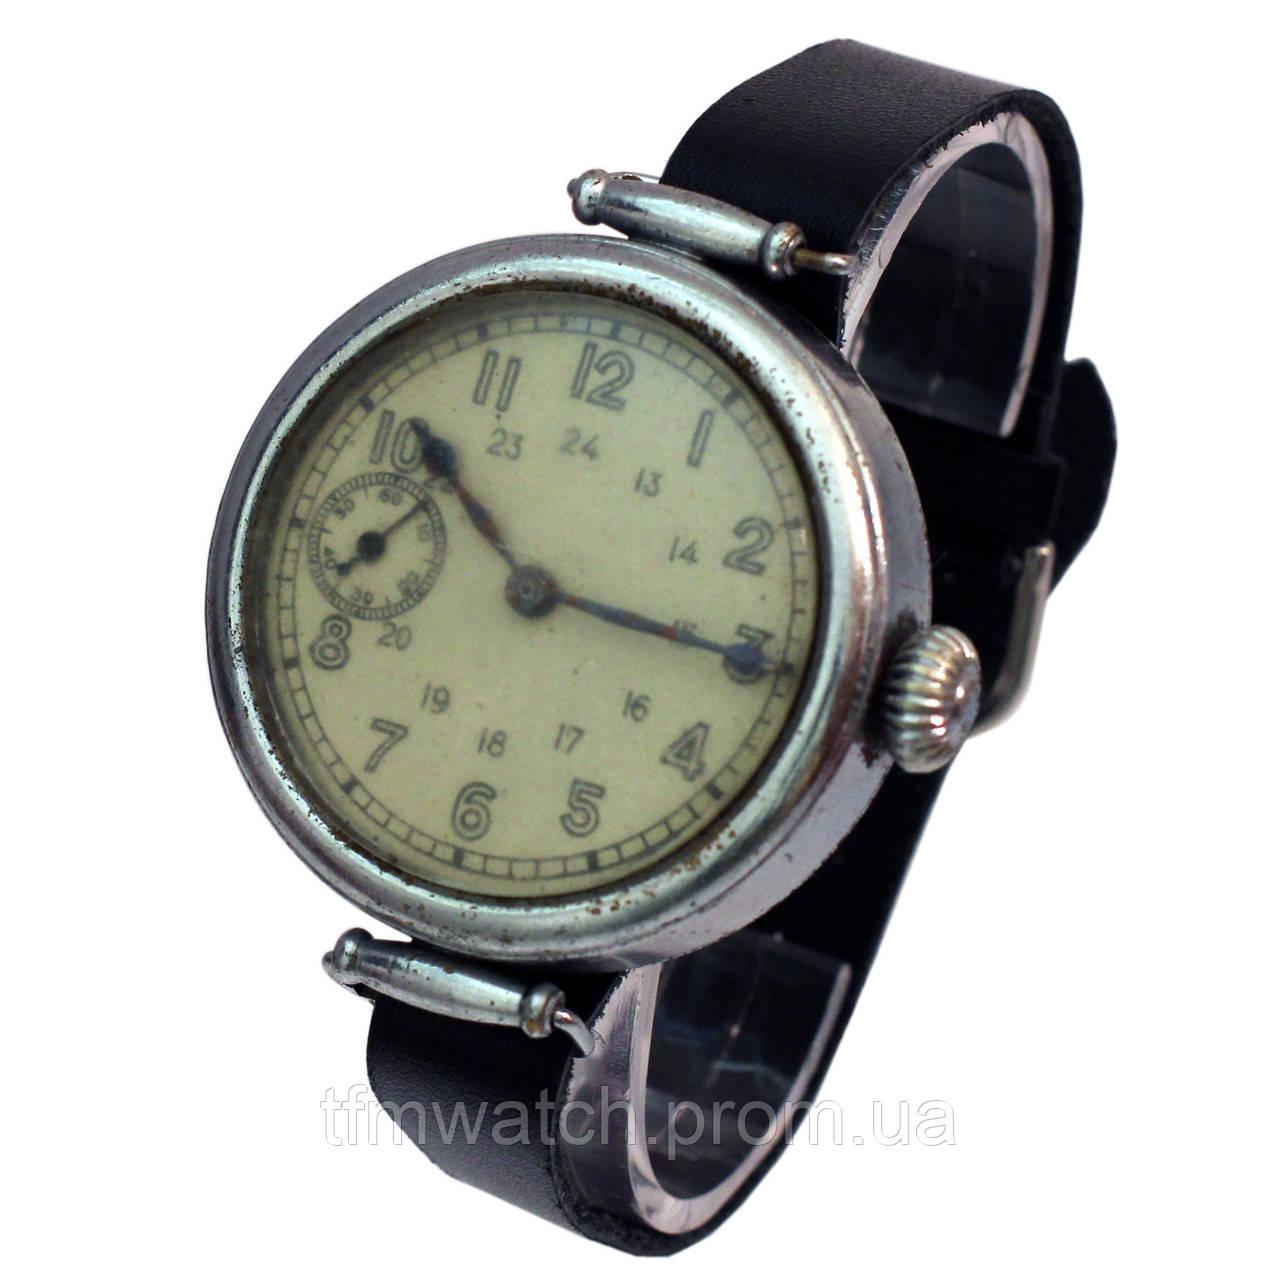 Часы москва наручные старые e о часах наручных часов